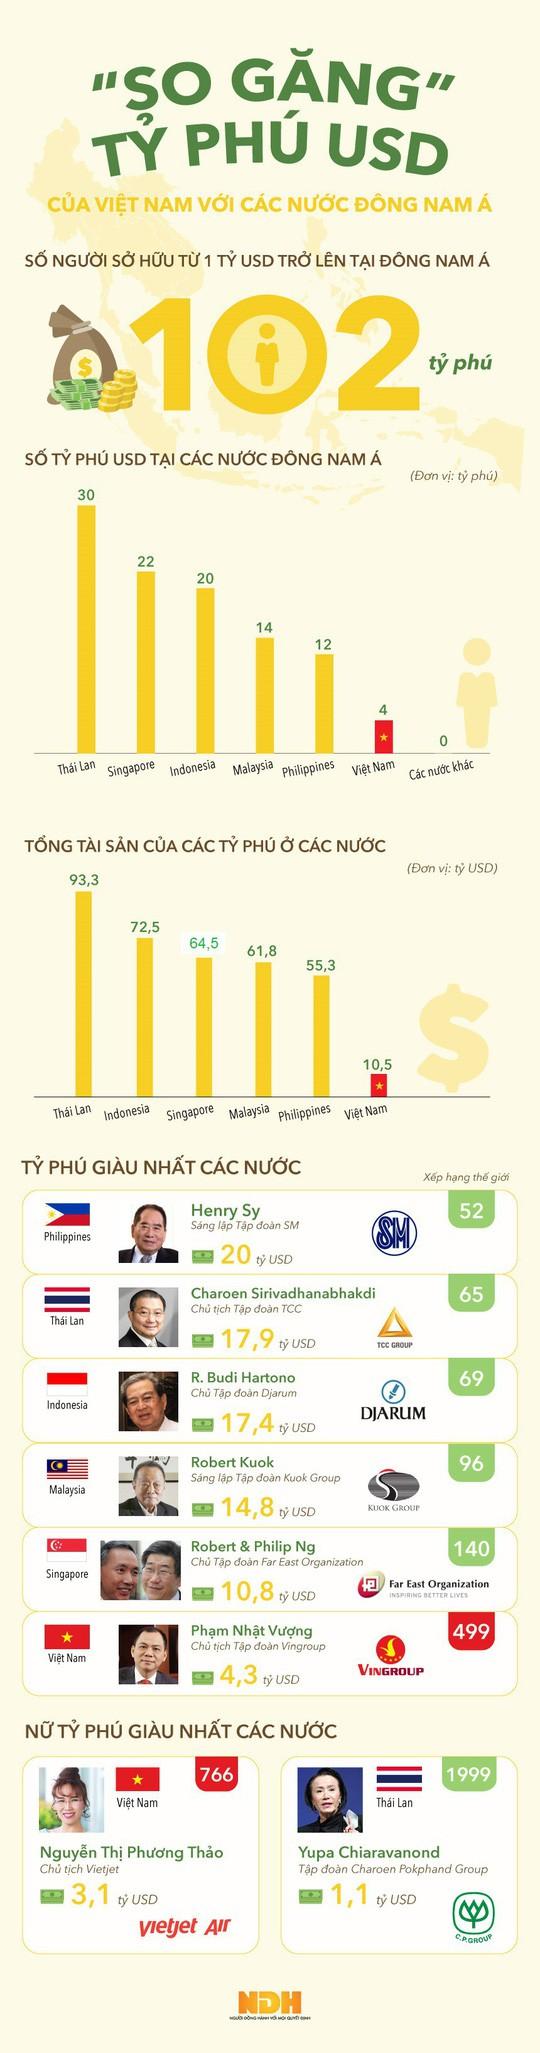 So găng tỷ phú USD Việt với các nước Đông Nam Á - Ảnh 1.